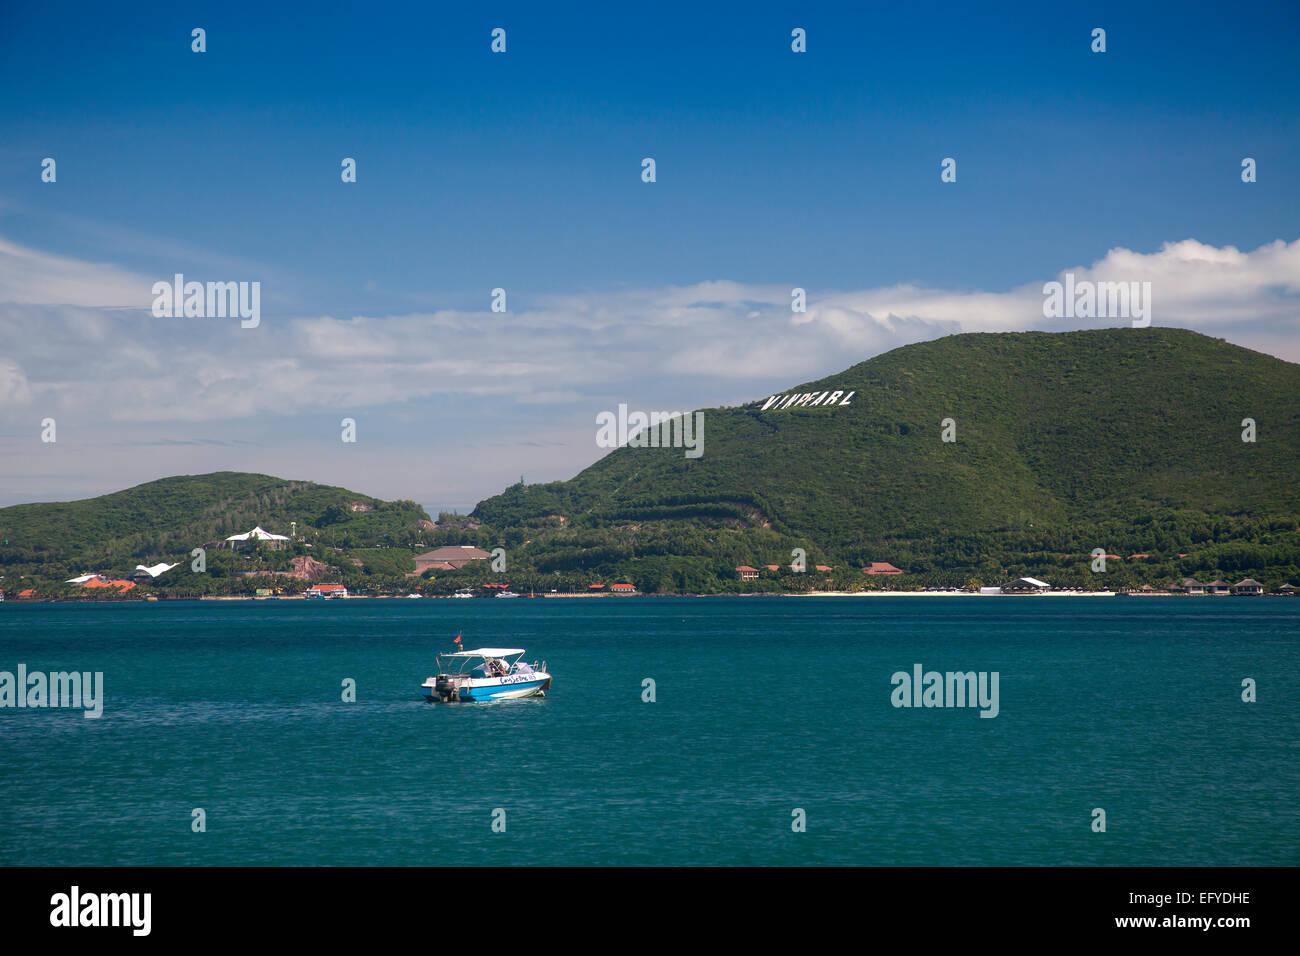 Bay of Nha Trang, Vinpearl island at the back, South China Sea, Nha Trang, Vietnam - Stock Image